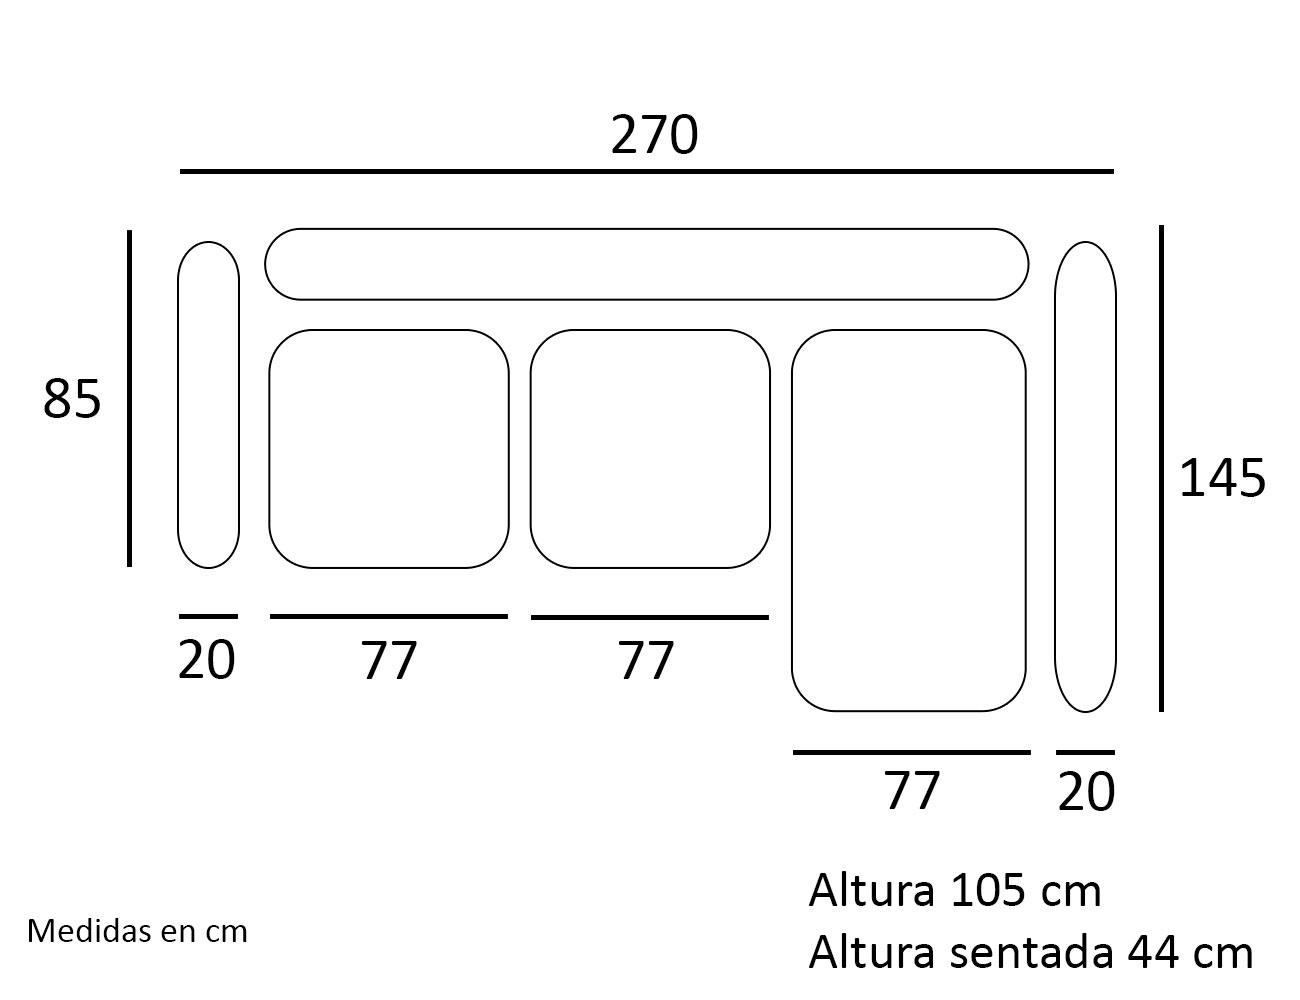 Croquis chaiselongue sofa derecho 2701